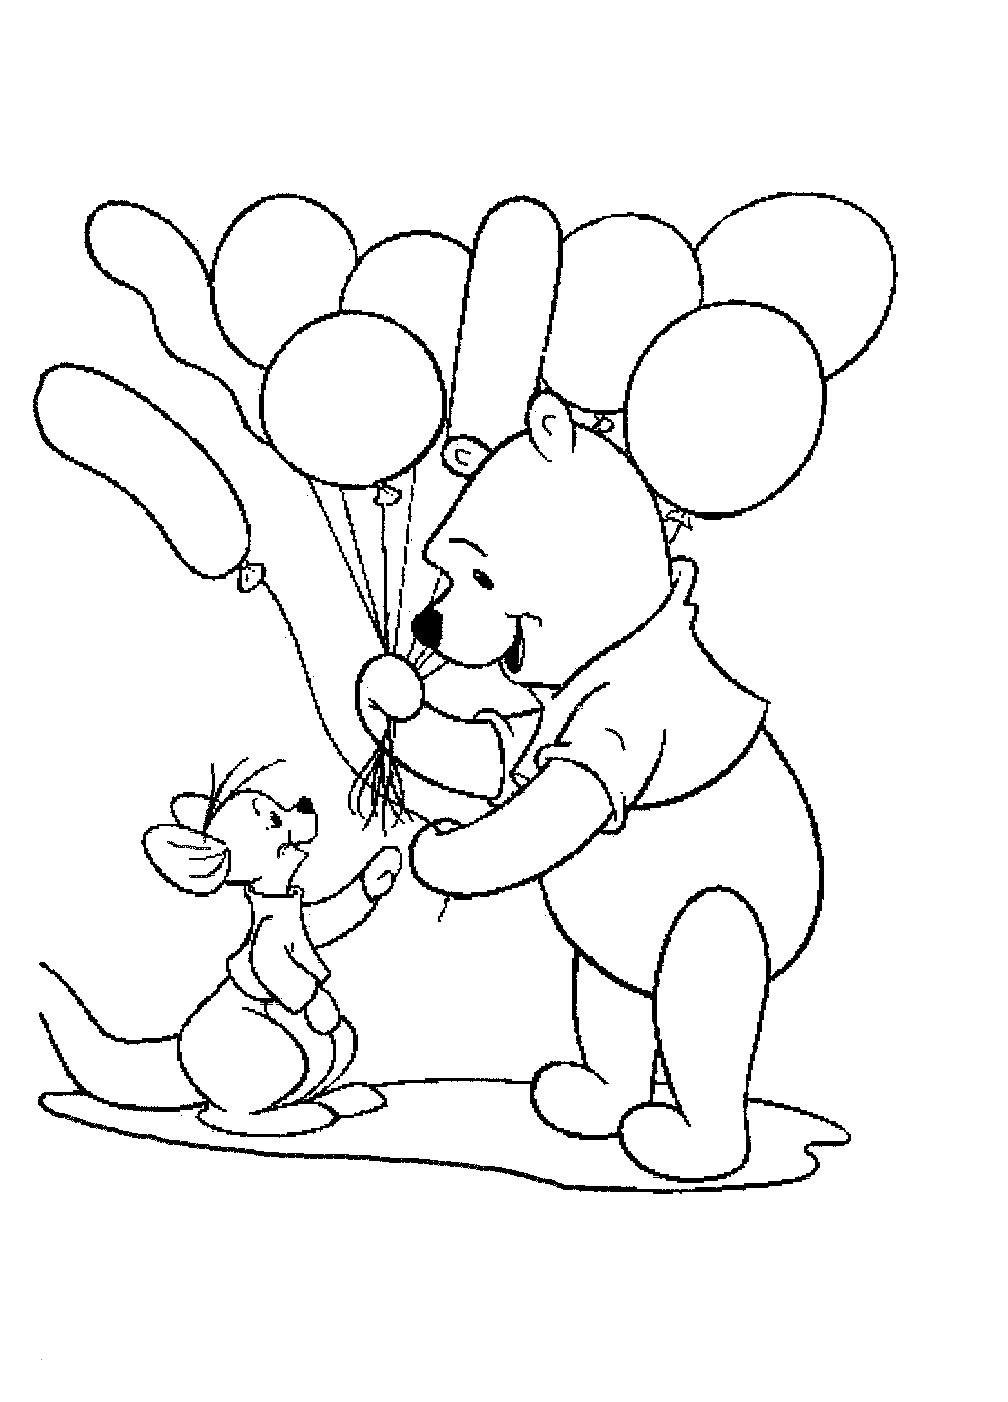 Ausmalbilder Winnie Pooh Neu Ausmalbilder Winnie Puuh Inspirierend Ausmalbilder Winnie Puuh Das Bild